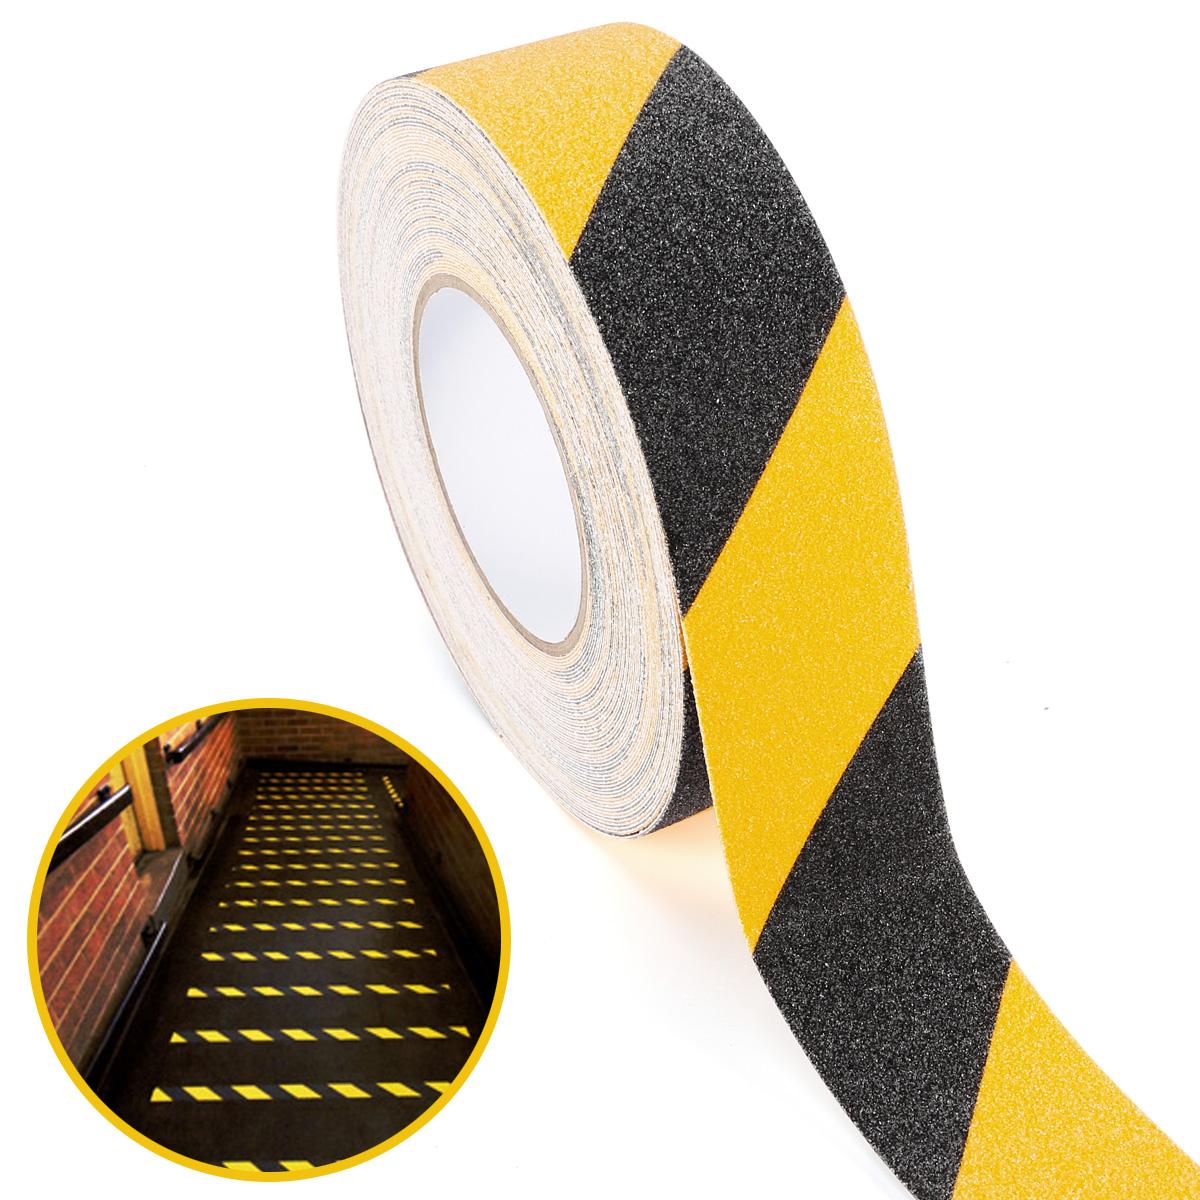 transparent schwarz gelb nachtleuchtend antirutschband klebeband treppe auswahl ebay. Black Bedroom Furniture Sets. Home Design Ideas